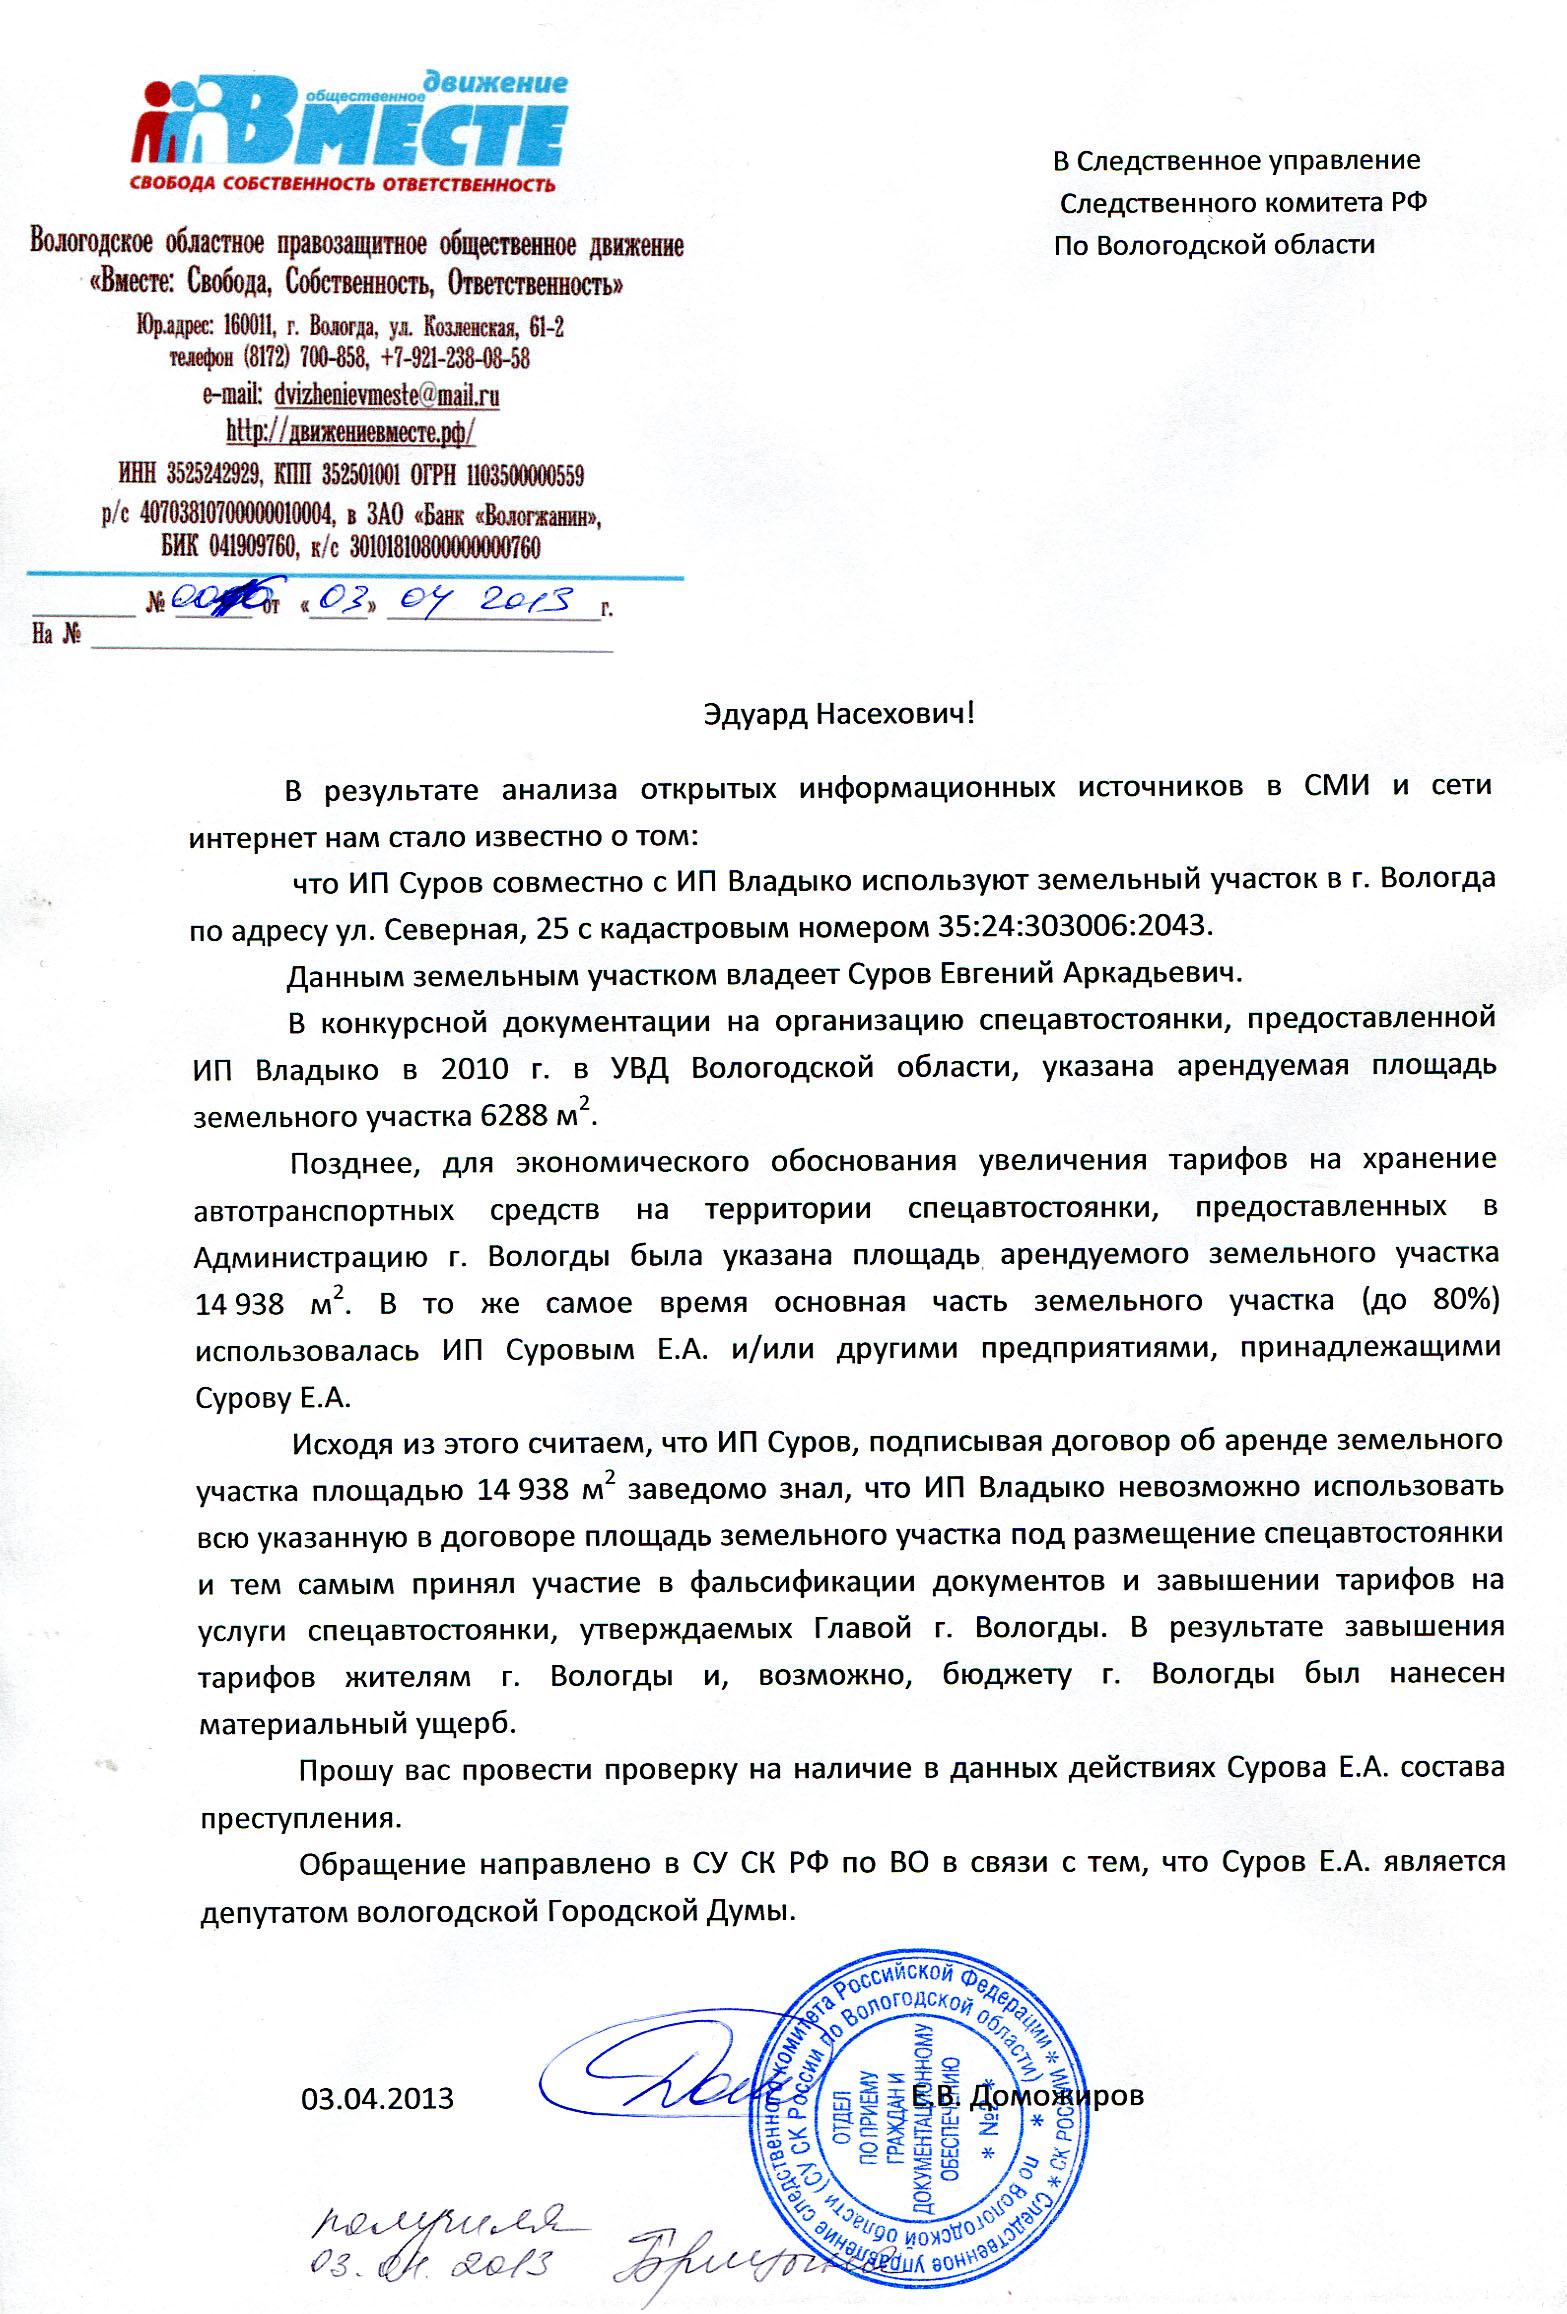 Заявление в СК 03.04.13 на Евгения Сурова